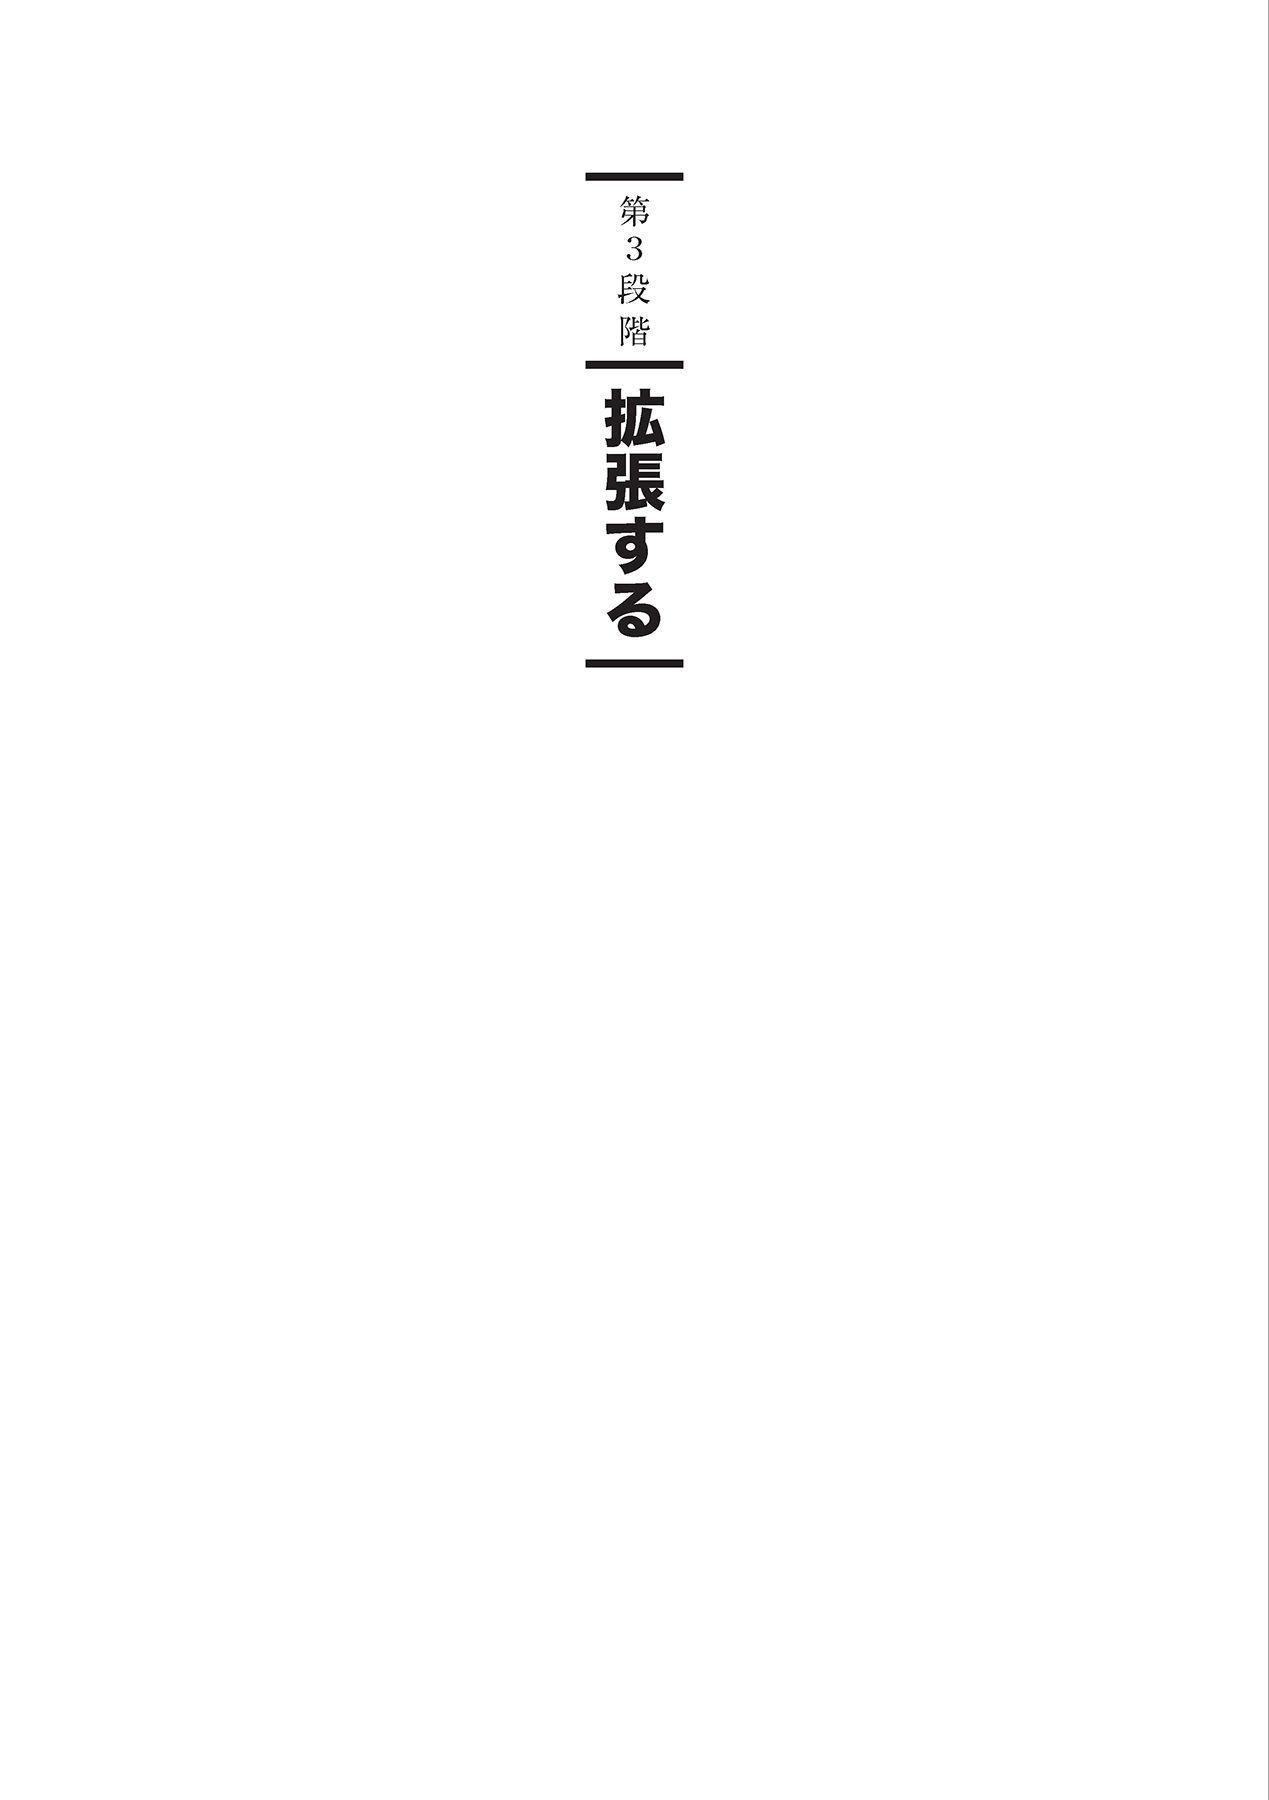 アナル性感開発・お尻エッチ 完全マニュアル 46